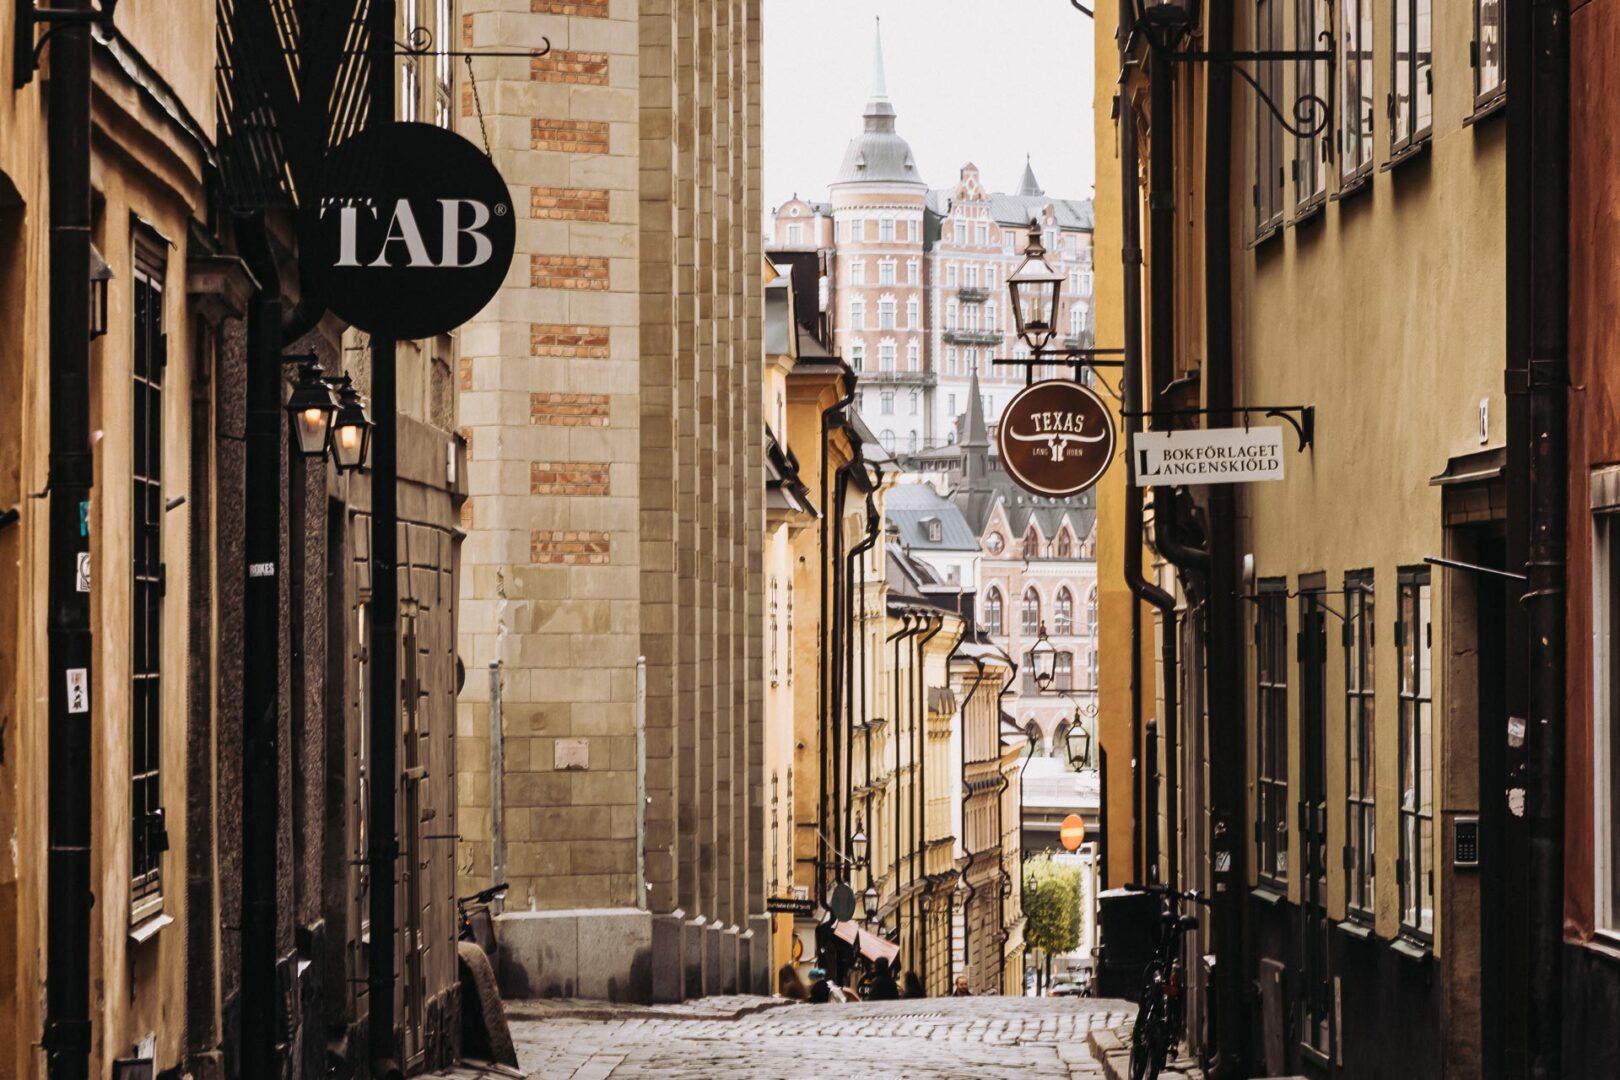 Instagramvänliga platser Stockholm, Gamla stan, Tyska Brinken